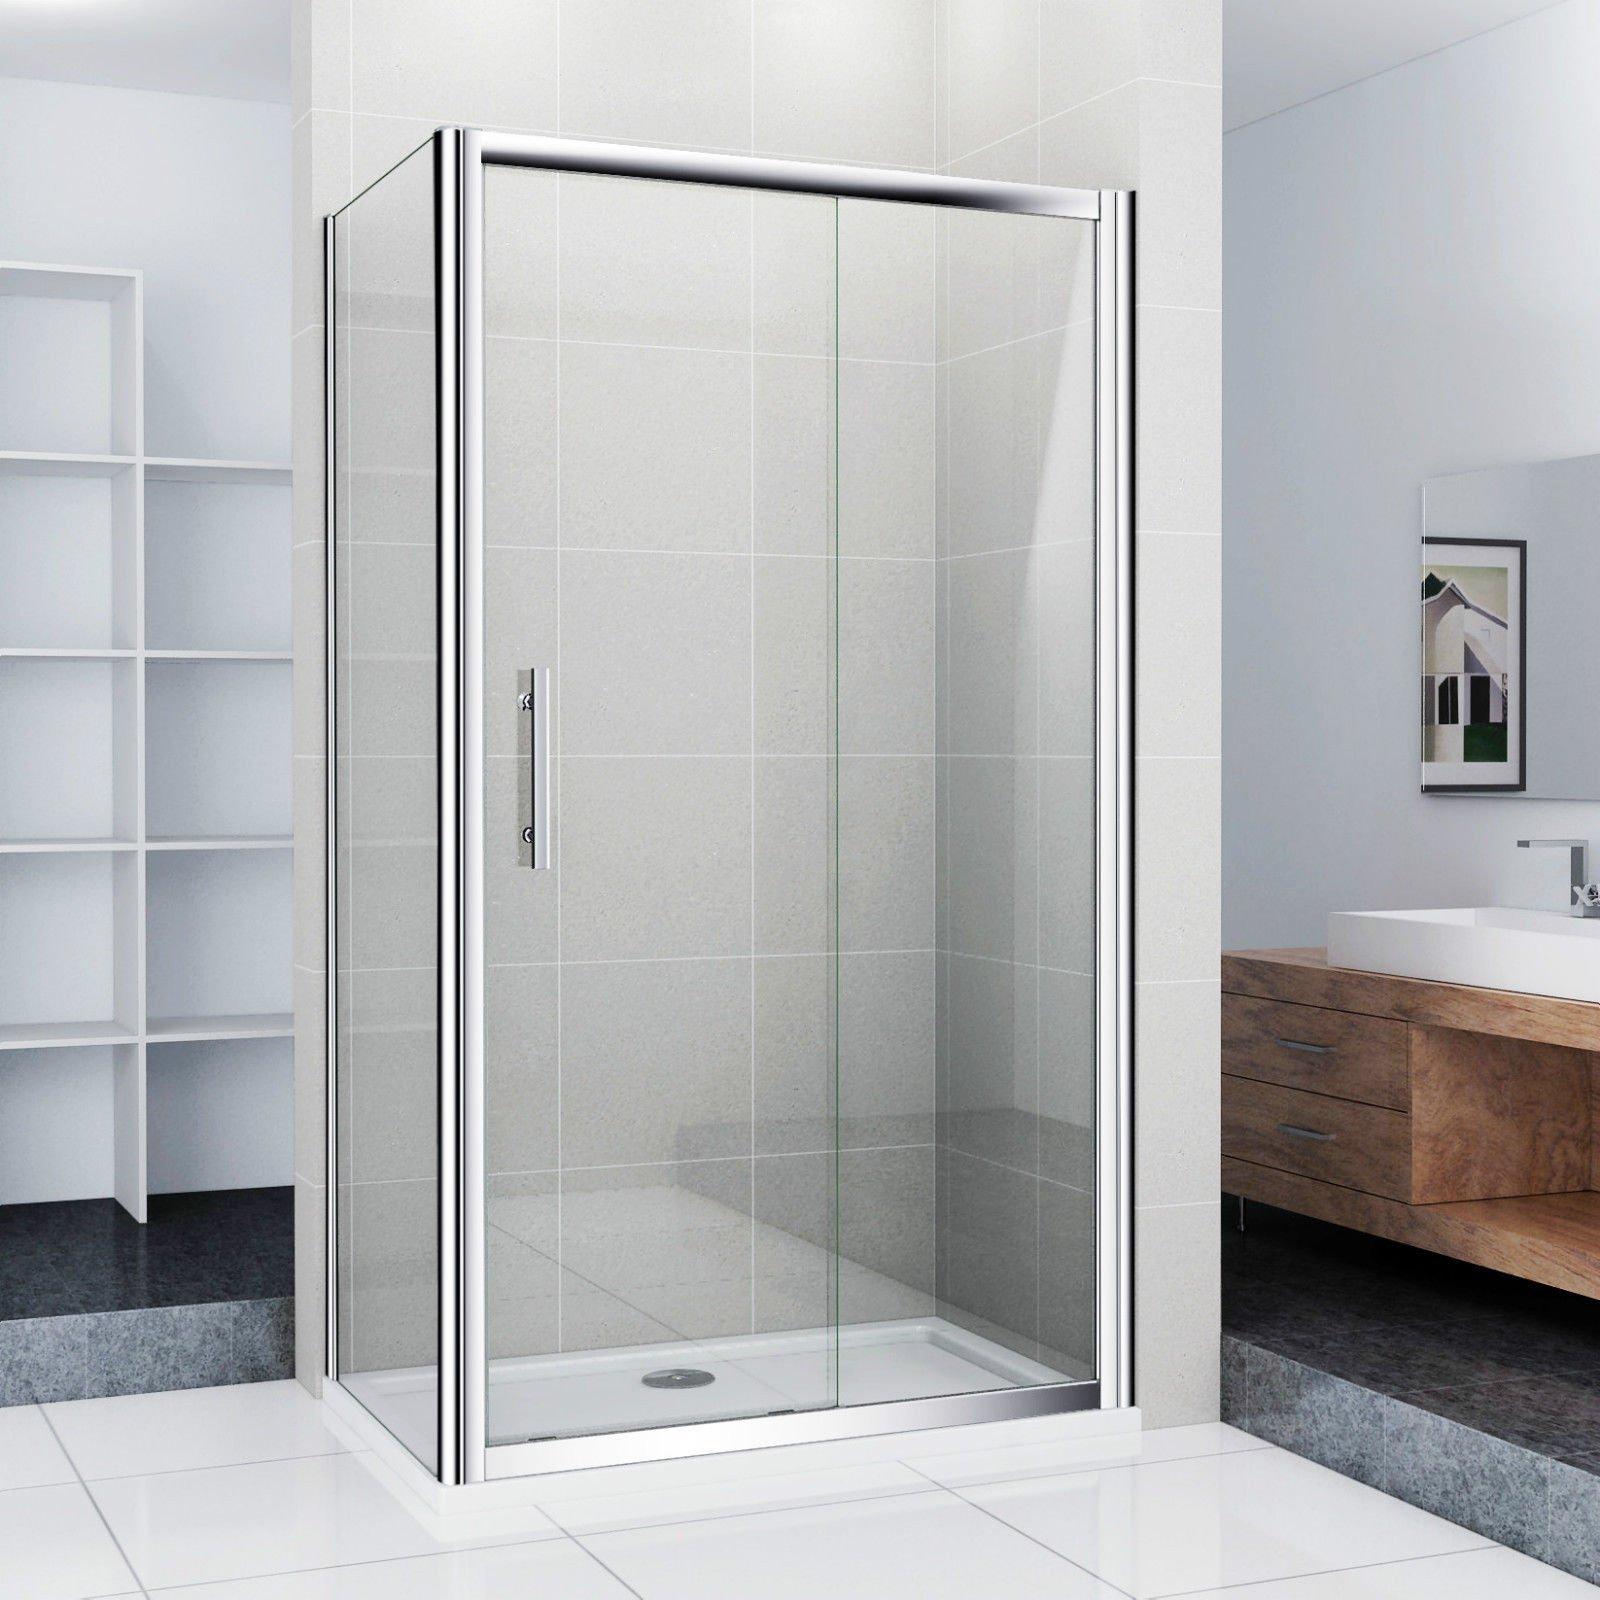 Mampara de ducha puerta corredera ducha pared puerta de ducha 110 x 90 x 185 cm (ns4 – 11 + NS3 – 90): Amazon.es: Hogar